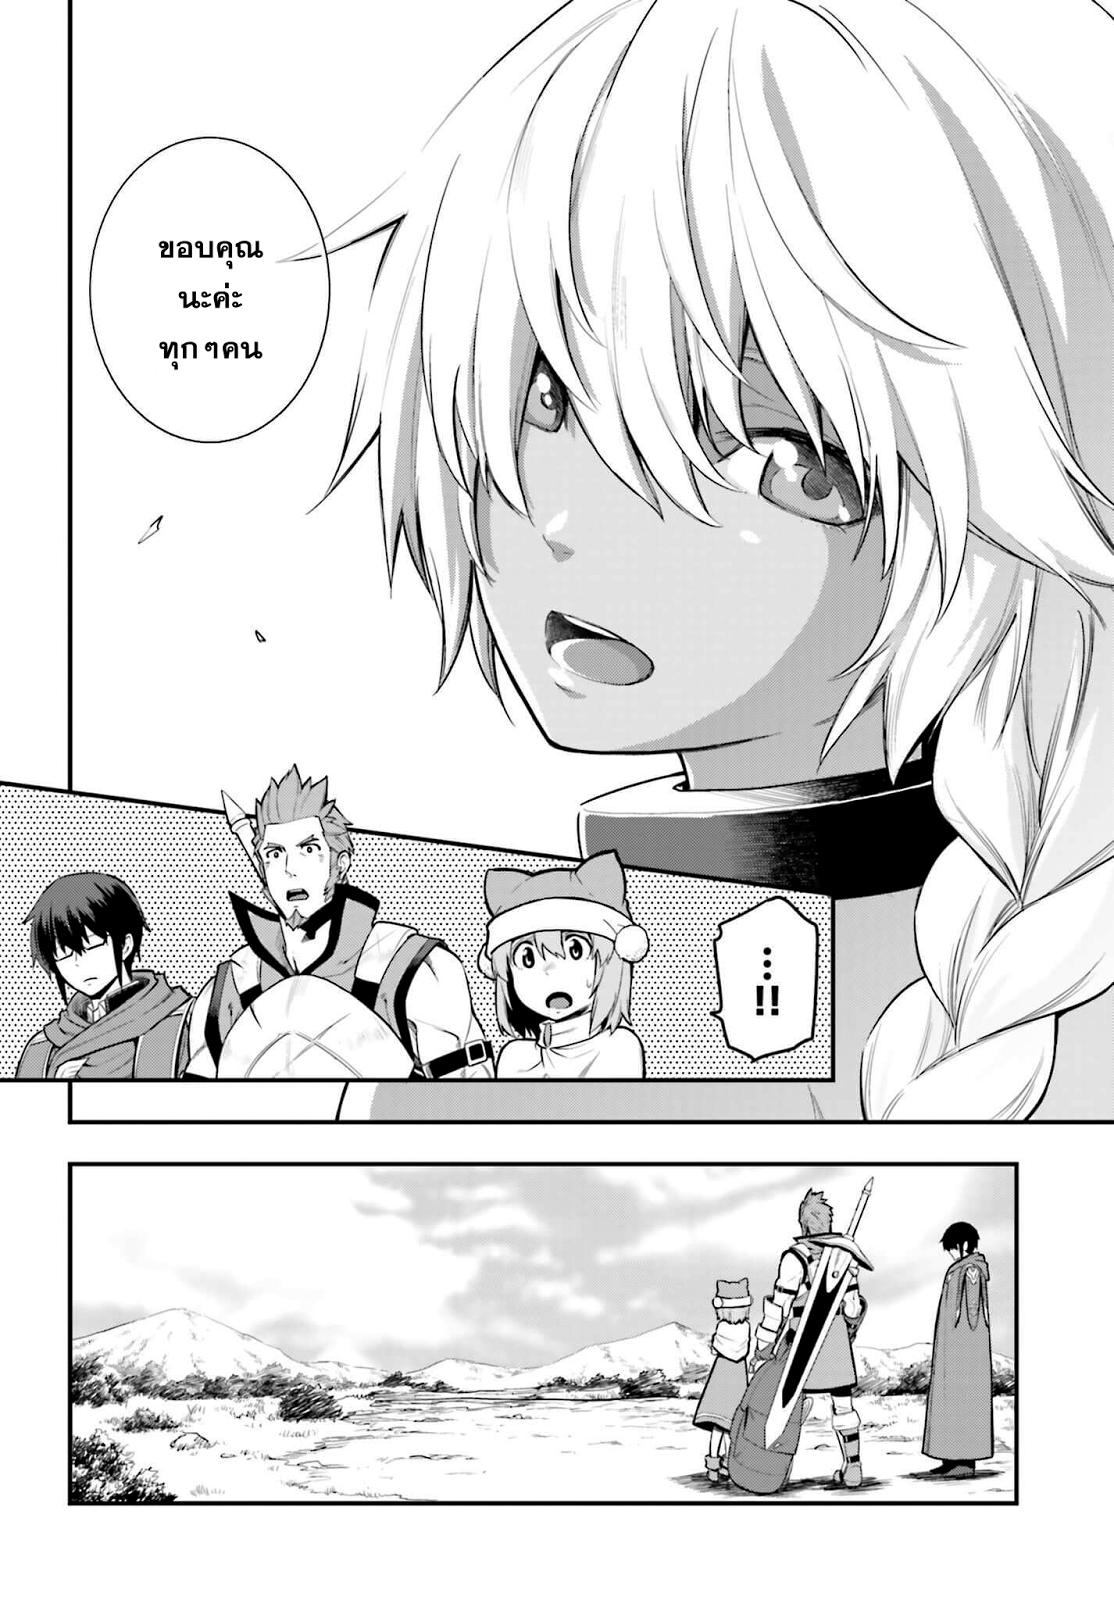 อ่านการ์ตูน Konjiki no Word Master 12 ภาพที่ 11